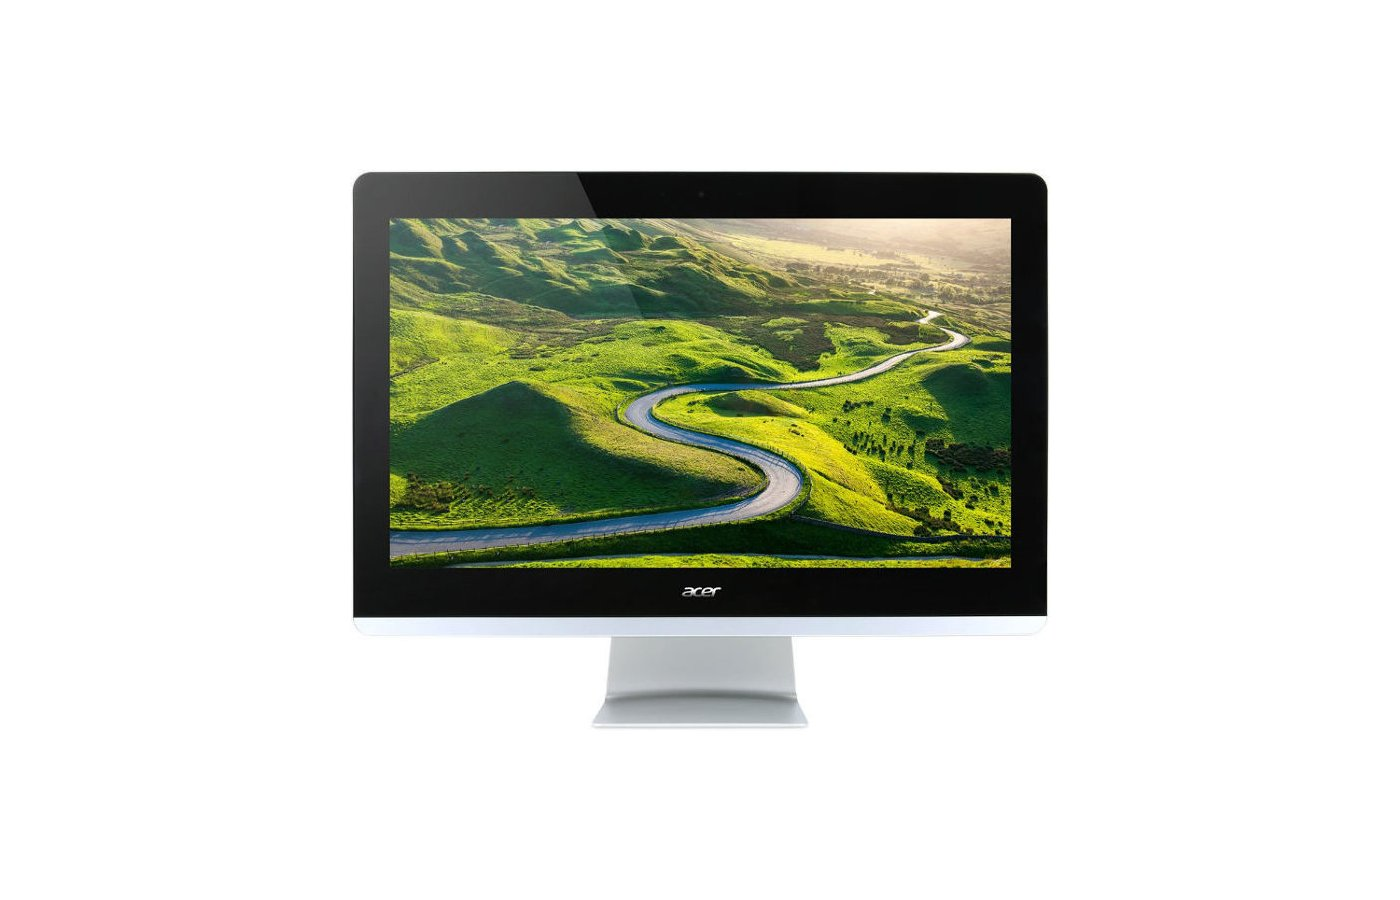 Моноблок Acer Aspire Z3-705 /DQ.B2FER.002/